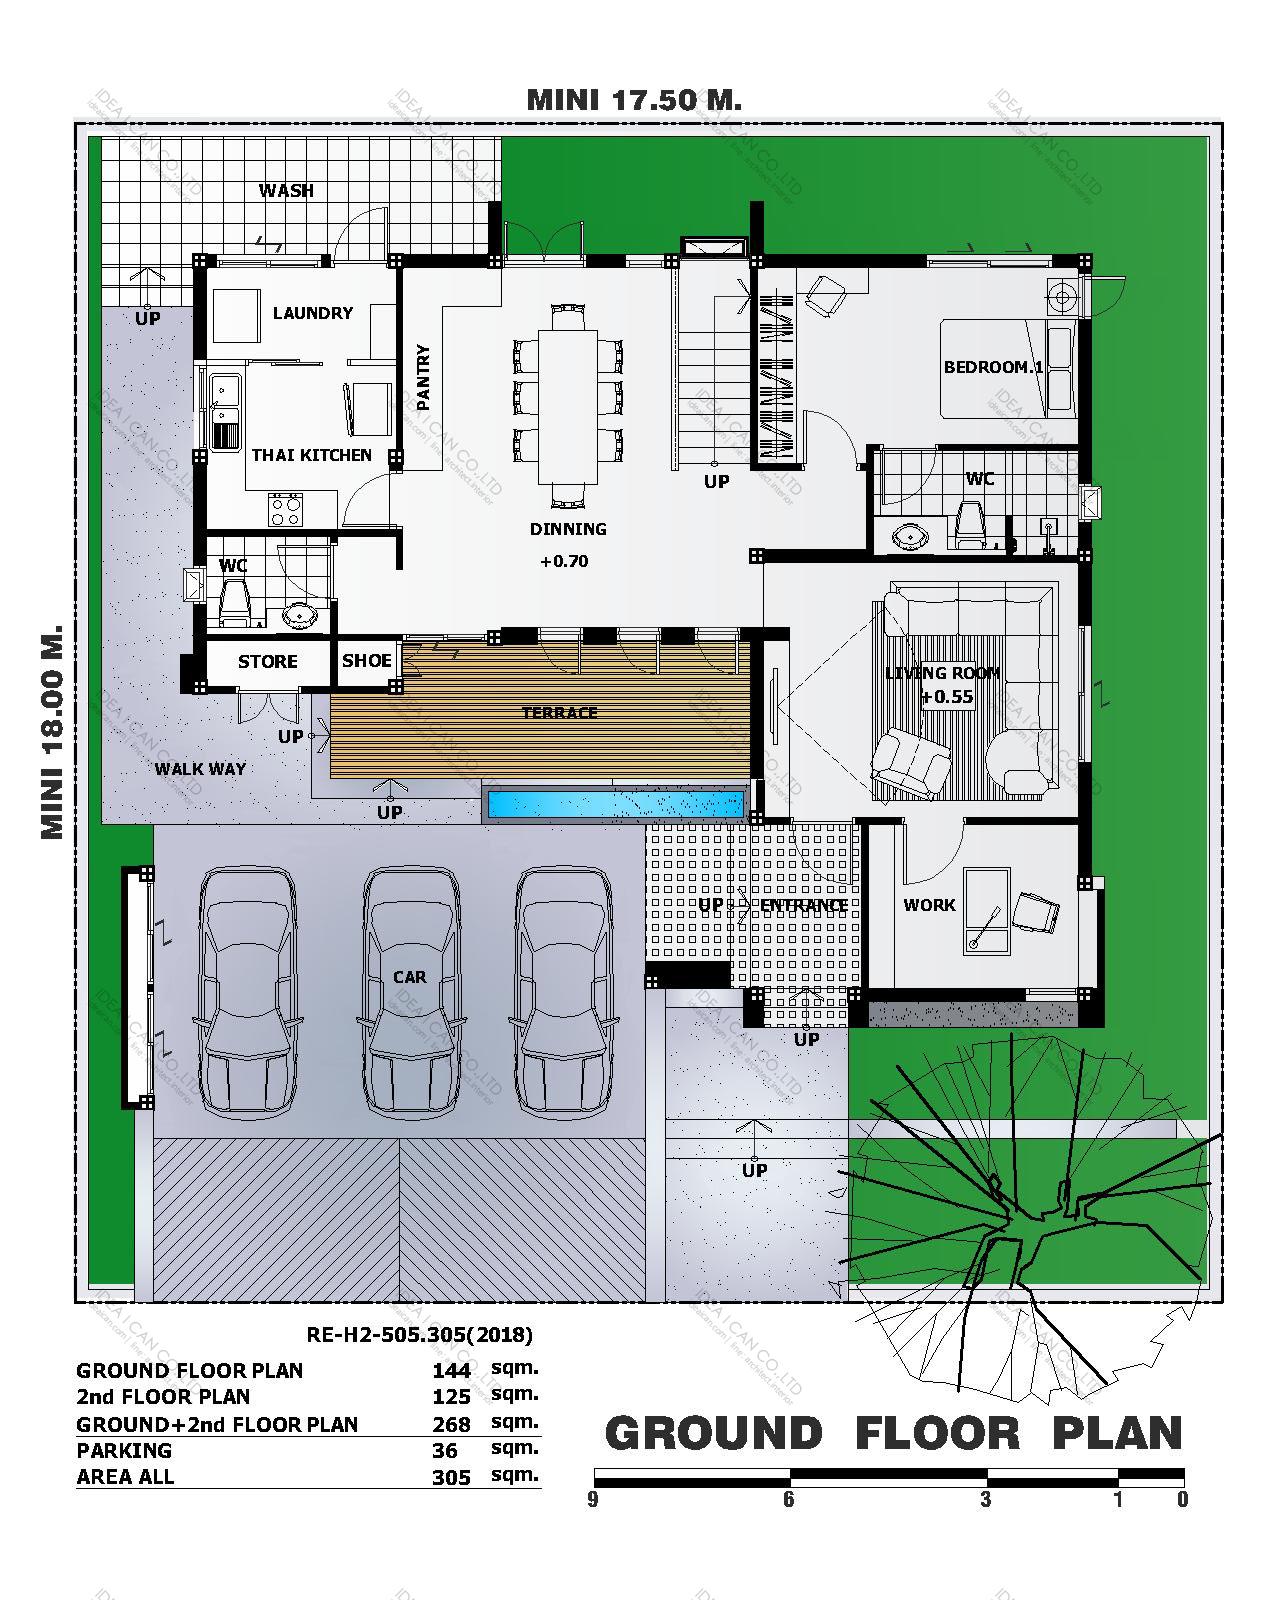 แบบบ้านสองชั้นสไตล์รีสอร์ท, แบบบ้าน 2 ชั้น, แบบบ้าน 4 ห้องนอน, ห้องน้ำสไตล์รีสอรท, พื้นที่ใช้สอย 305 ตร.ม., RE-H2-505.305(2018), แบบบ้านสไตล์รีสอร์ท , รับเหมาก่อสร้าง, รับสร้างบ้าน, รับสร้างบ้านสองชั้น